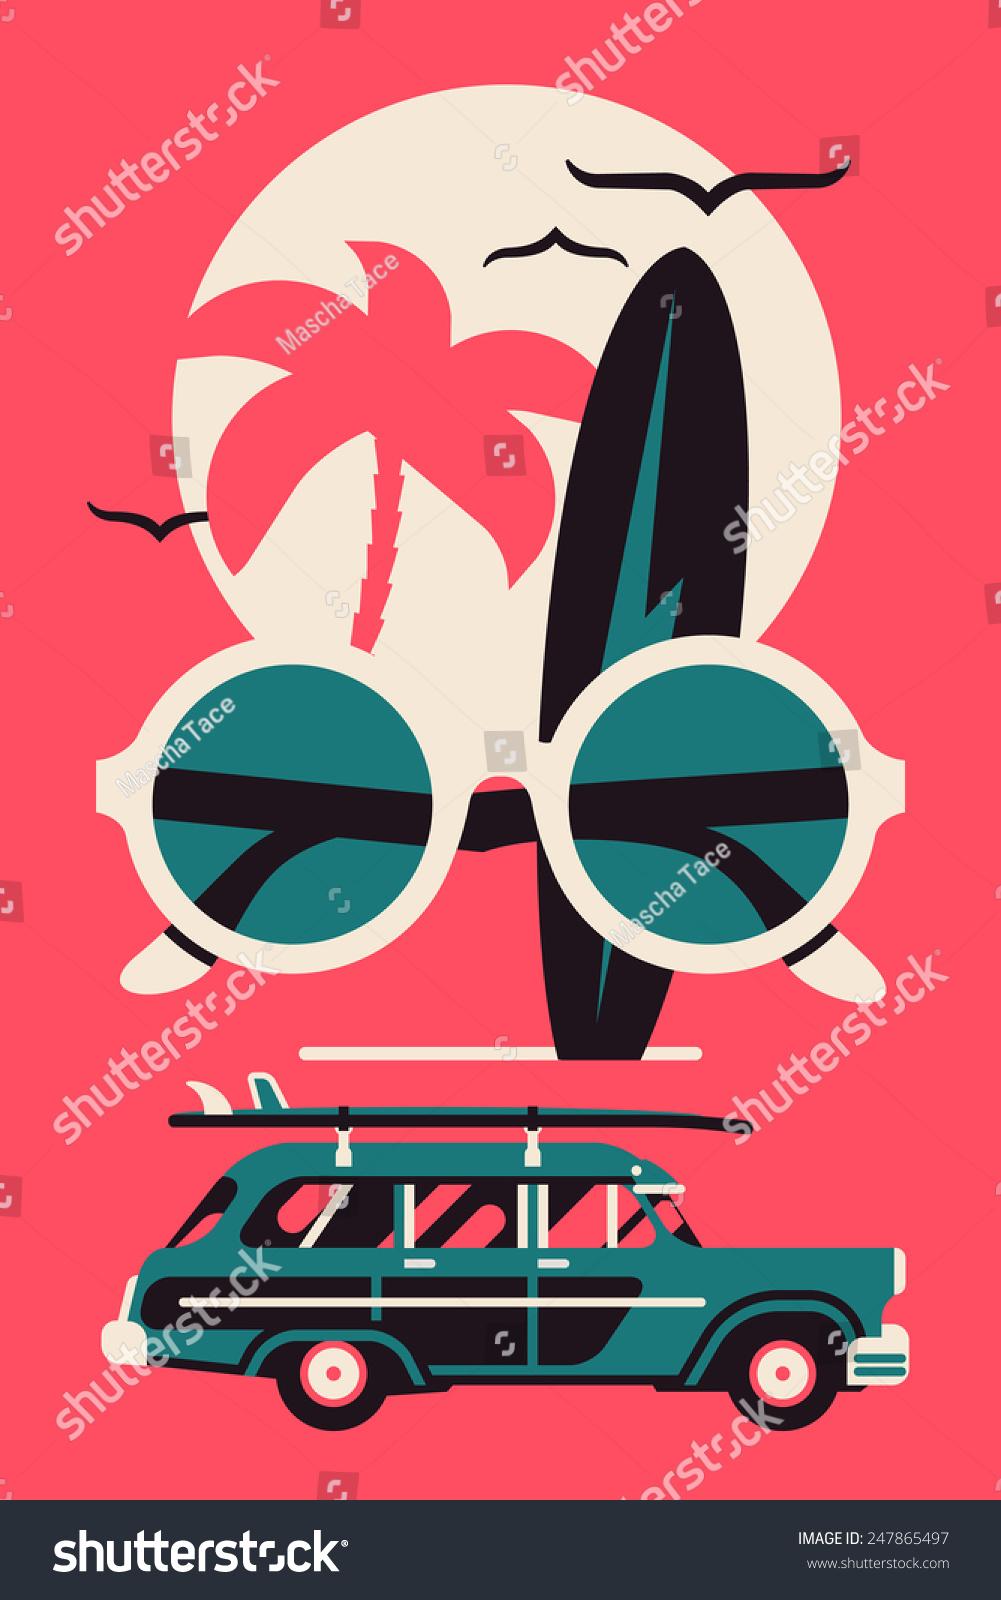 Poster design vector graphics - Vector Modern Flat Wall Art Poster Design On Hot Summer Vacation Beach Recreation Water